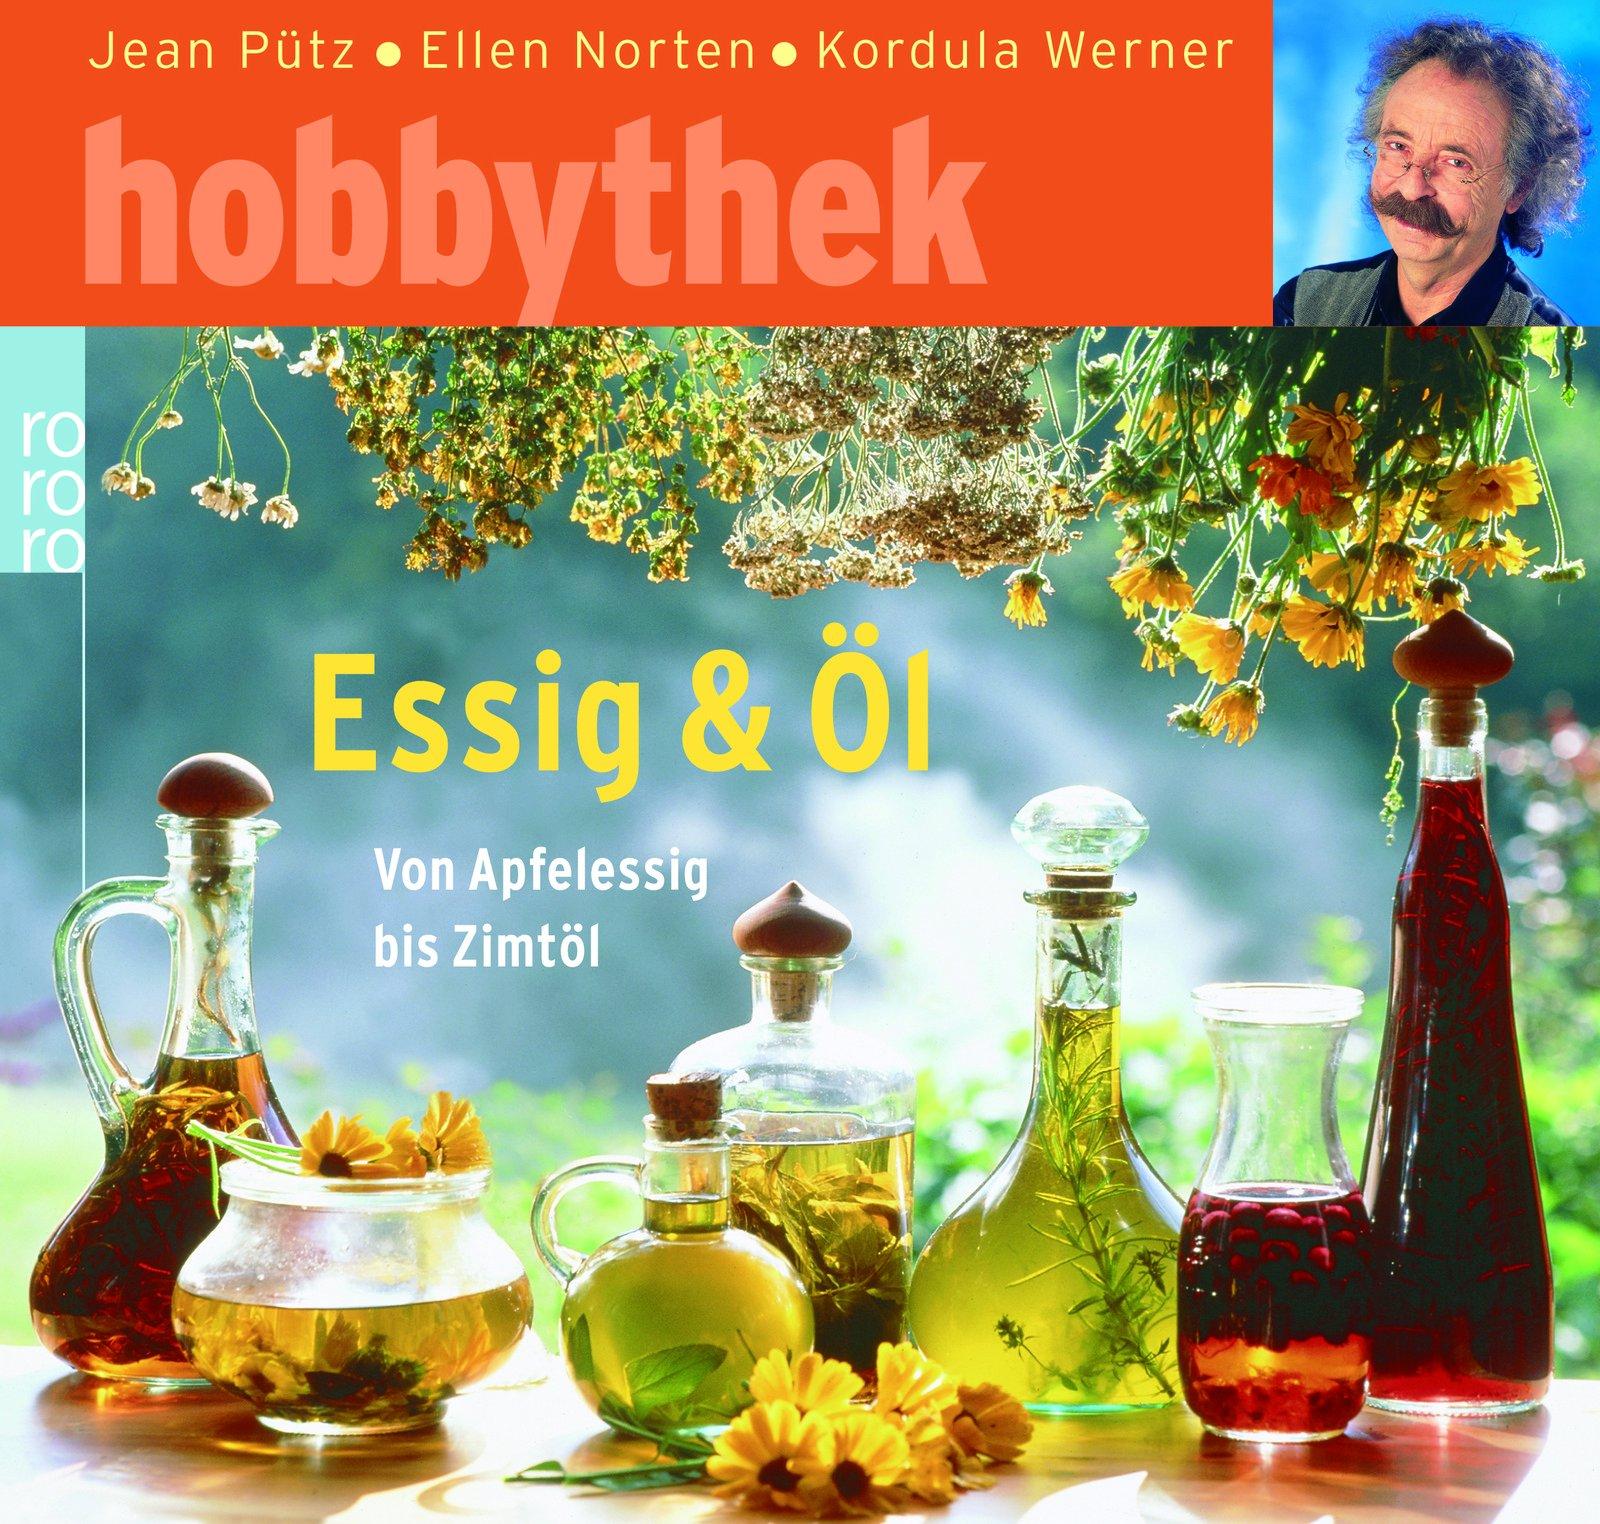 Essig & Öl: Von Apfelessig bis Zimtöl Taschenbuch – 3. Mai 2004 Jean Pütz Ellen Norten Kordula Werner Rowohlt Taschenbuch Verlag